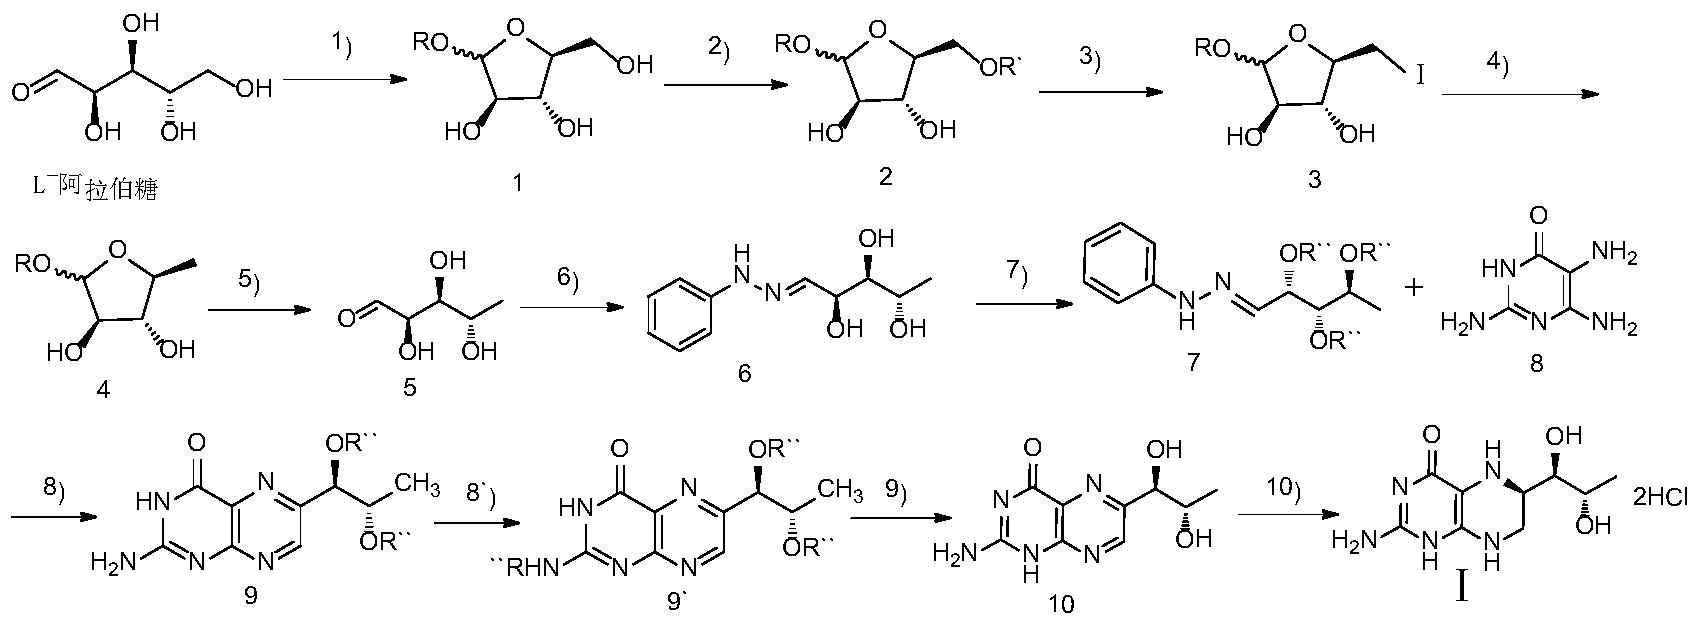 Figure PCTCN2014094961-appb-000012